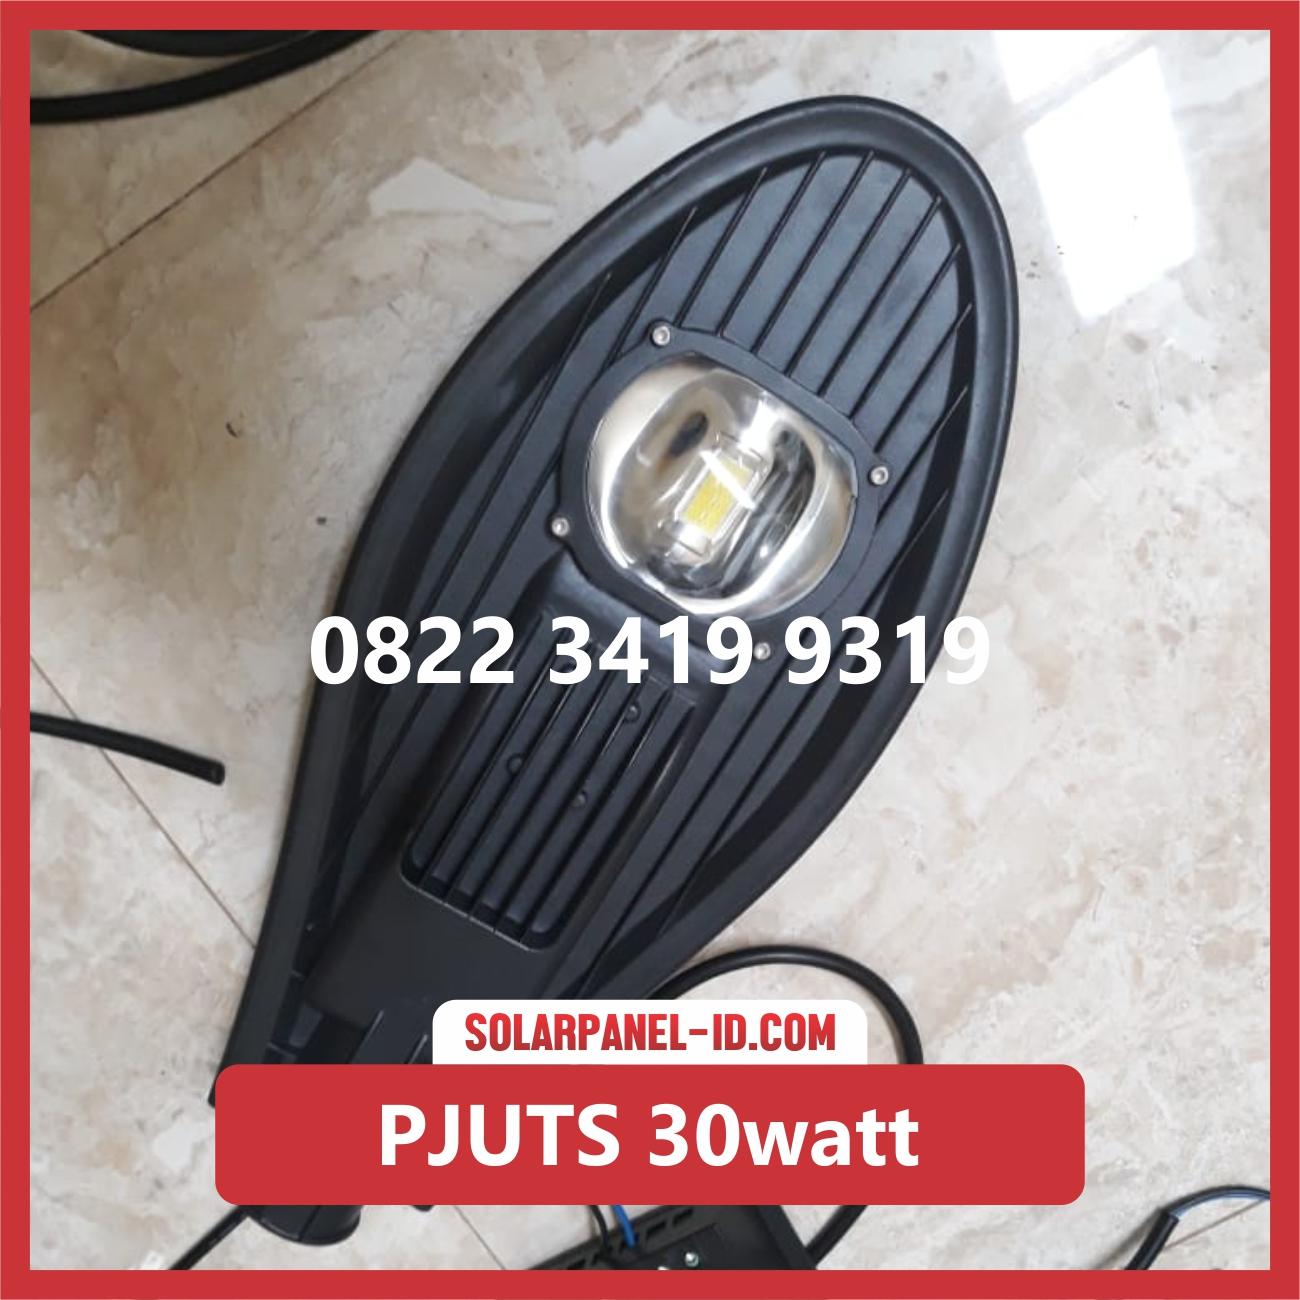 Jual Paket Lampu Jalan Tenaga Surya 30watt Pju Solarcell